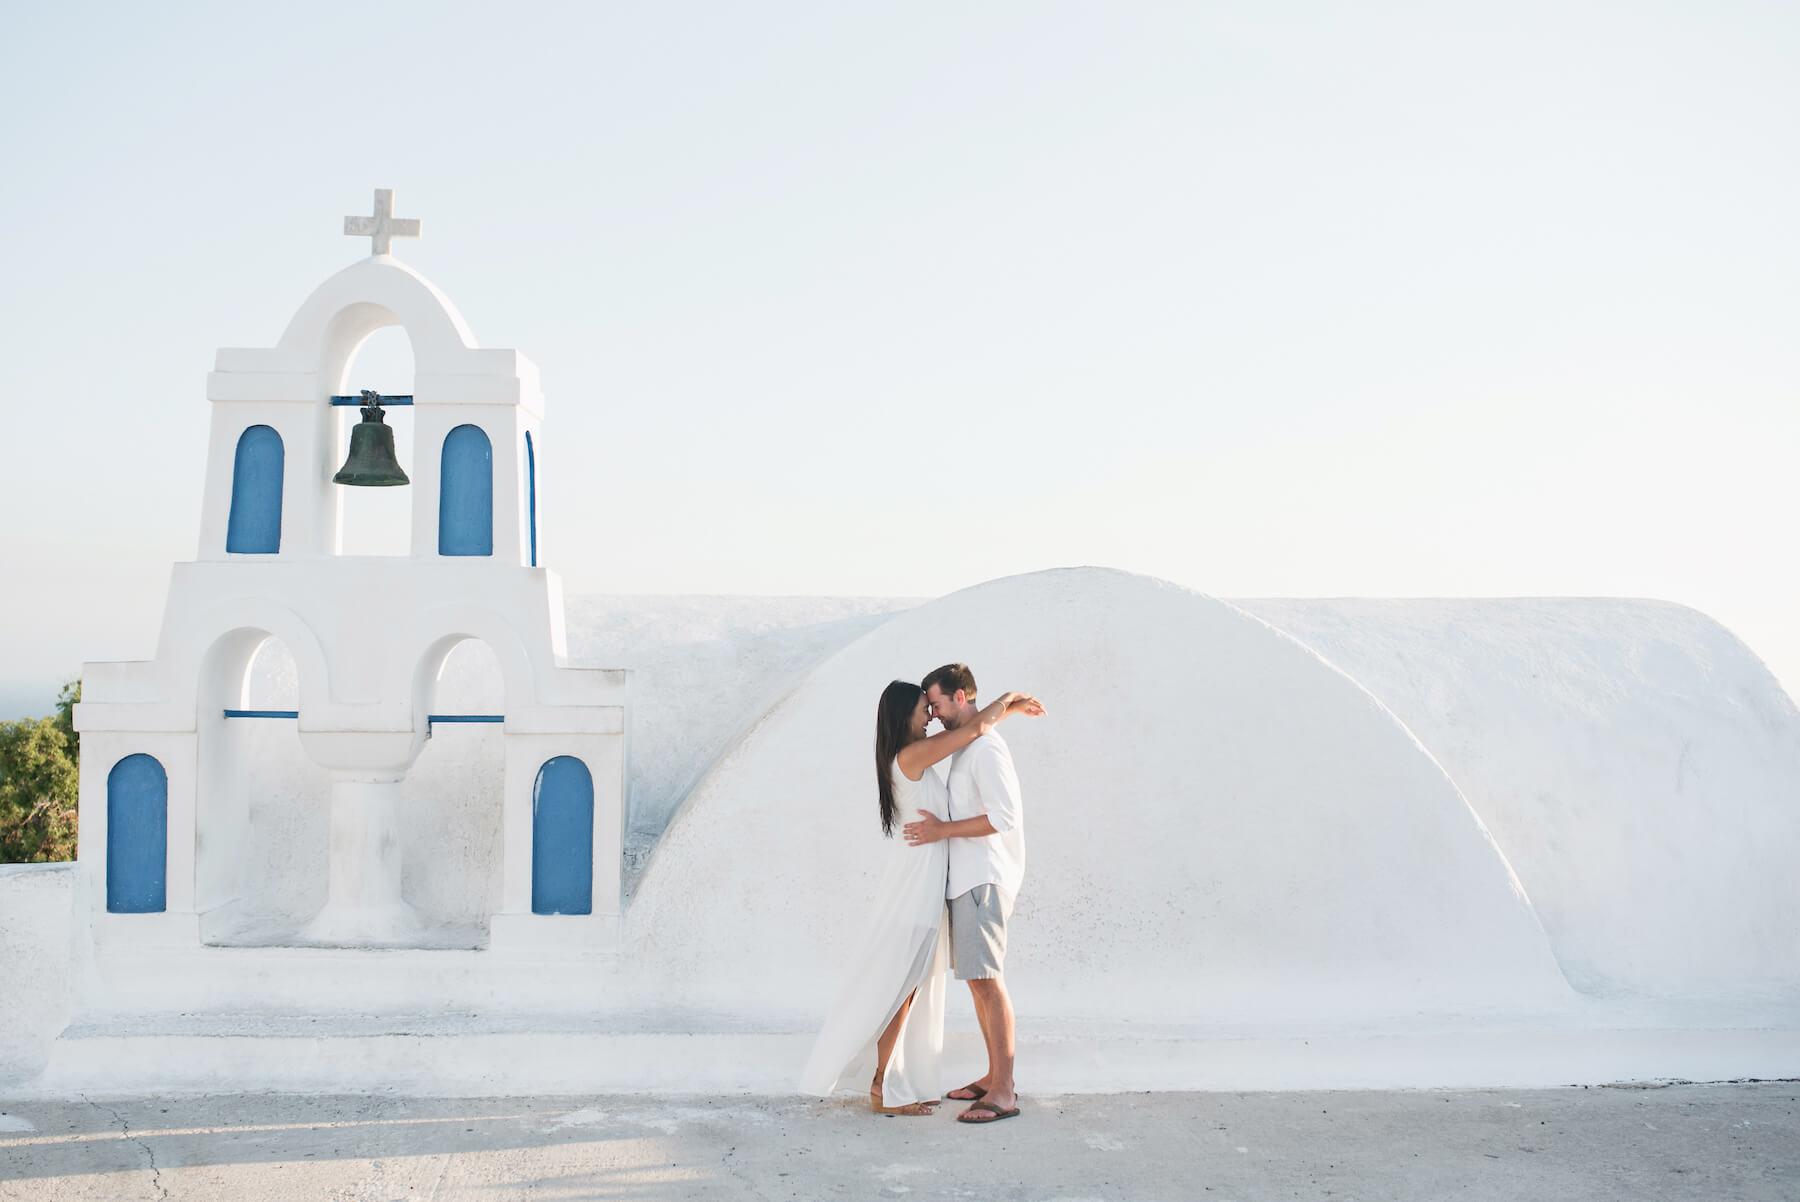 couple on honeymoon in Santorini, Greece Europe, Vacation photo shoot